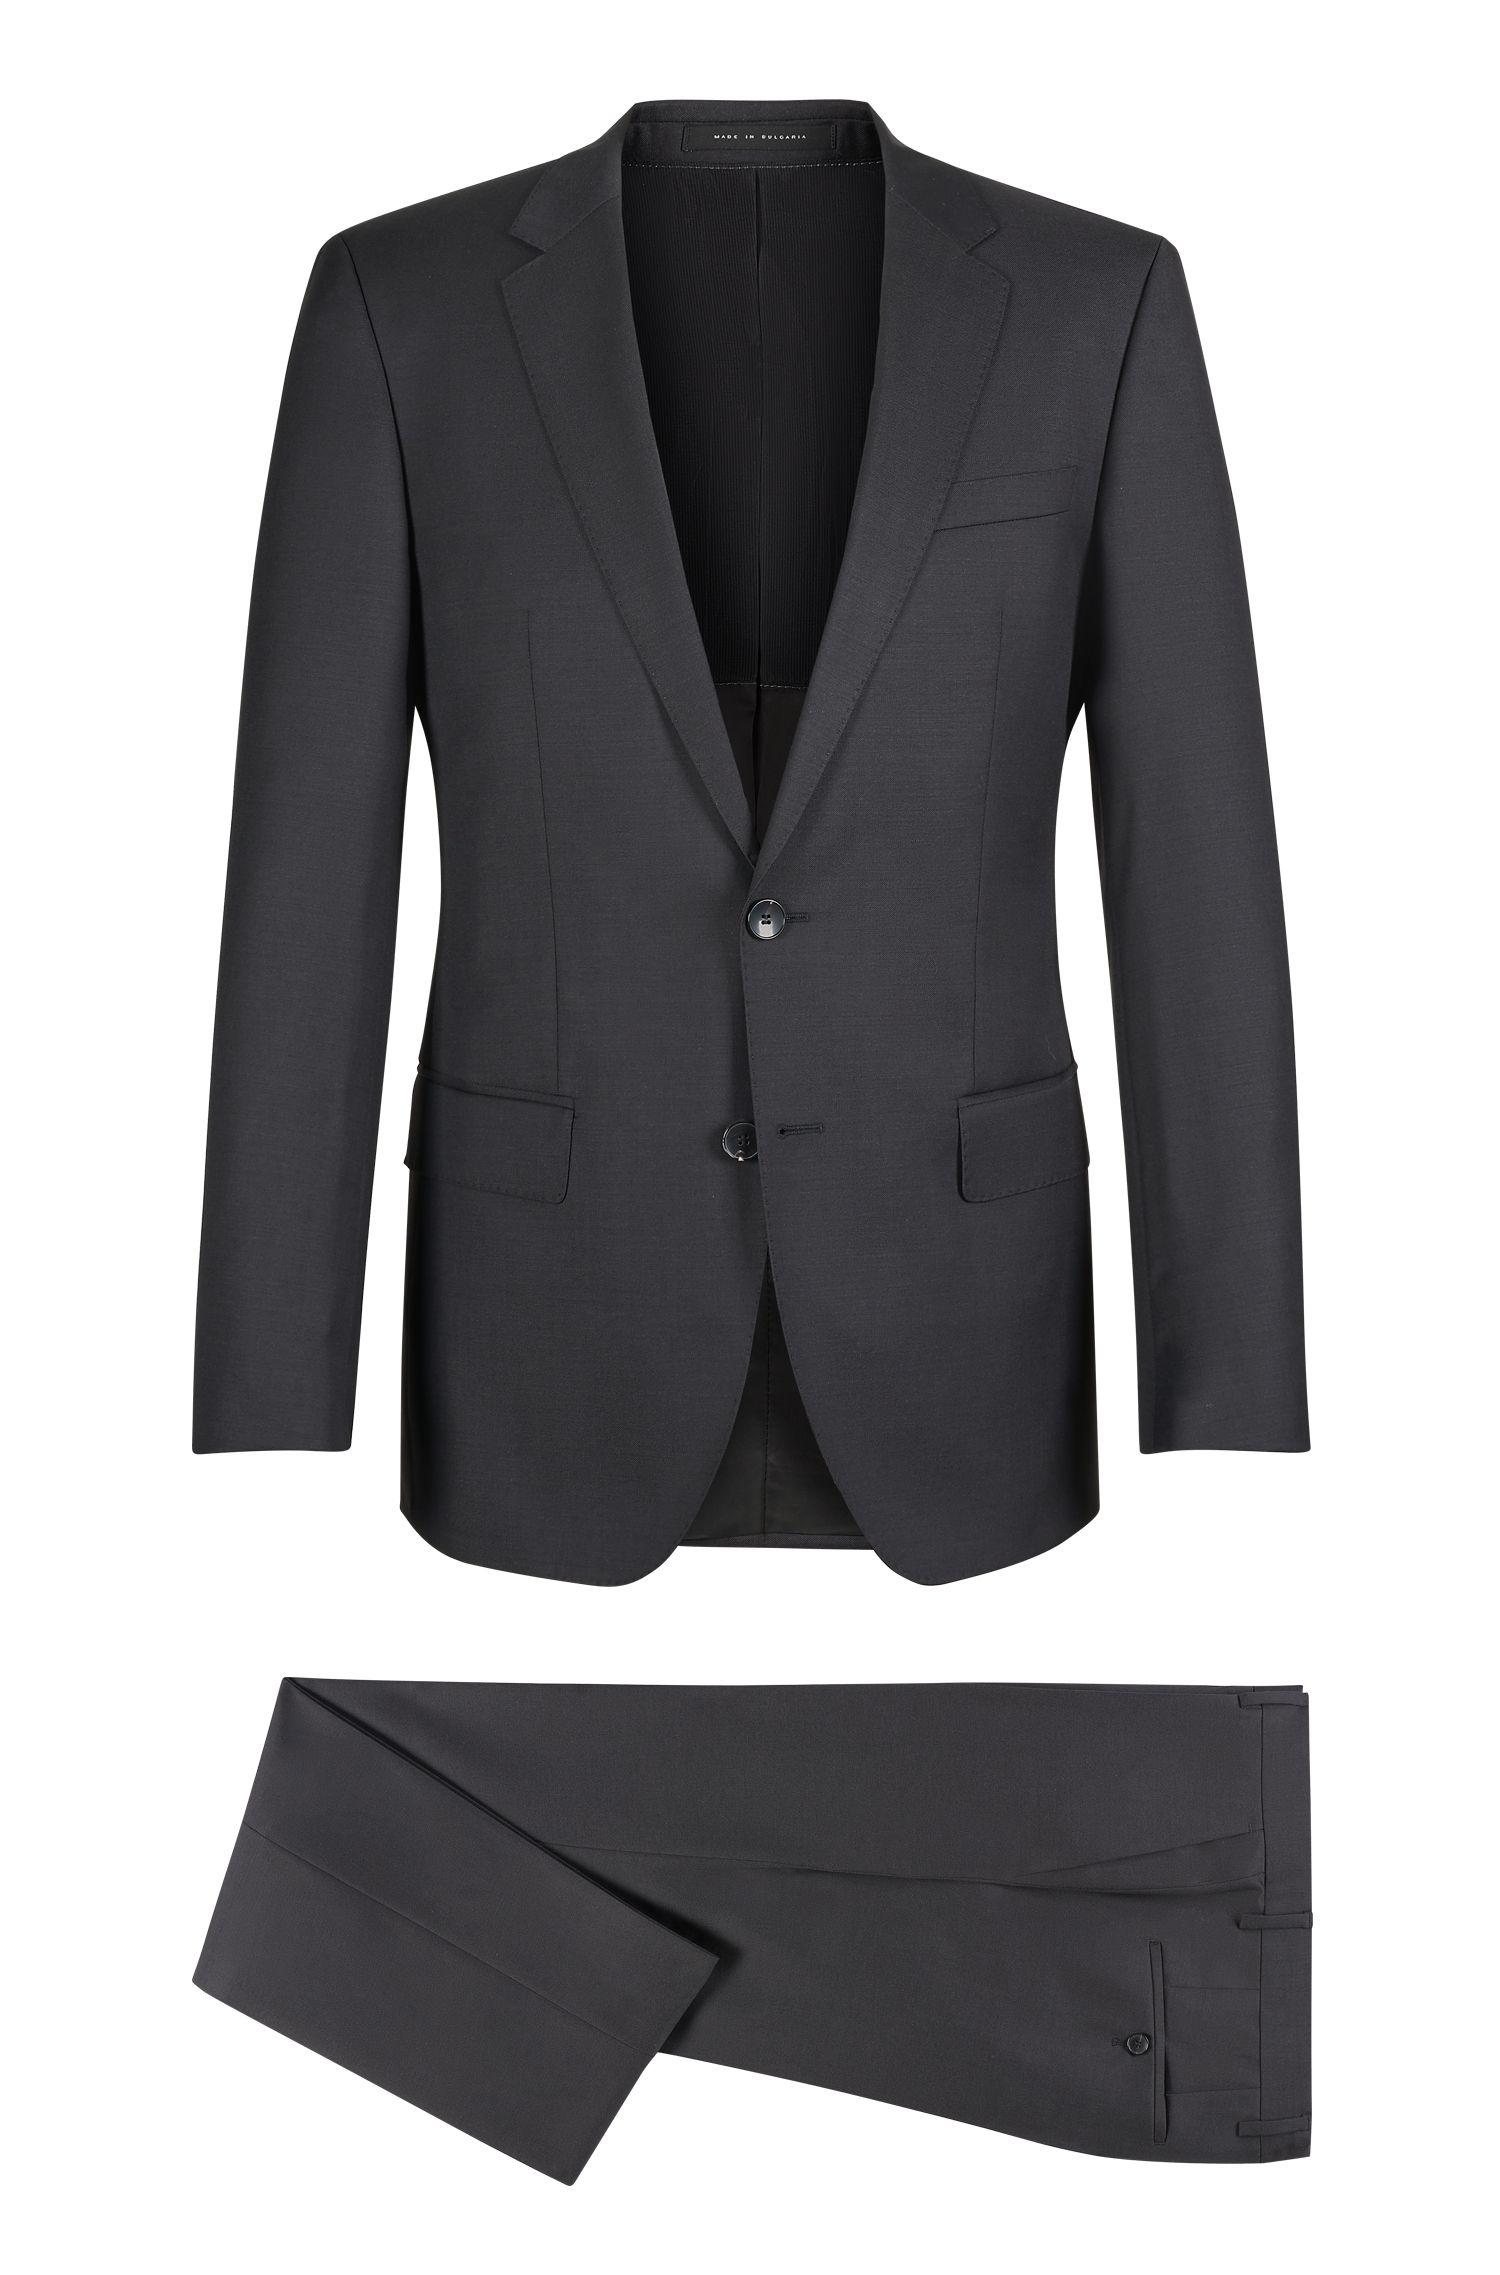 'Huge/Genius' | Slim Fit, Virgin Wool Suit